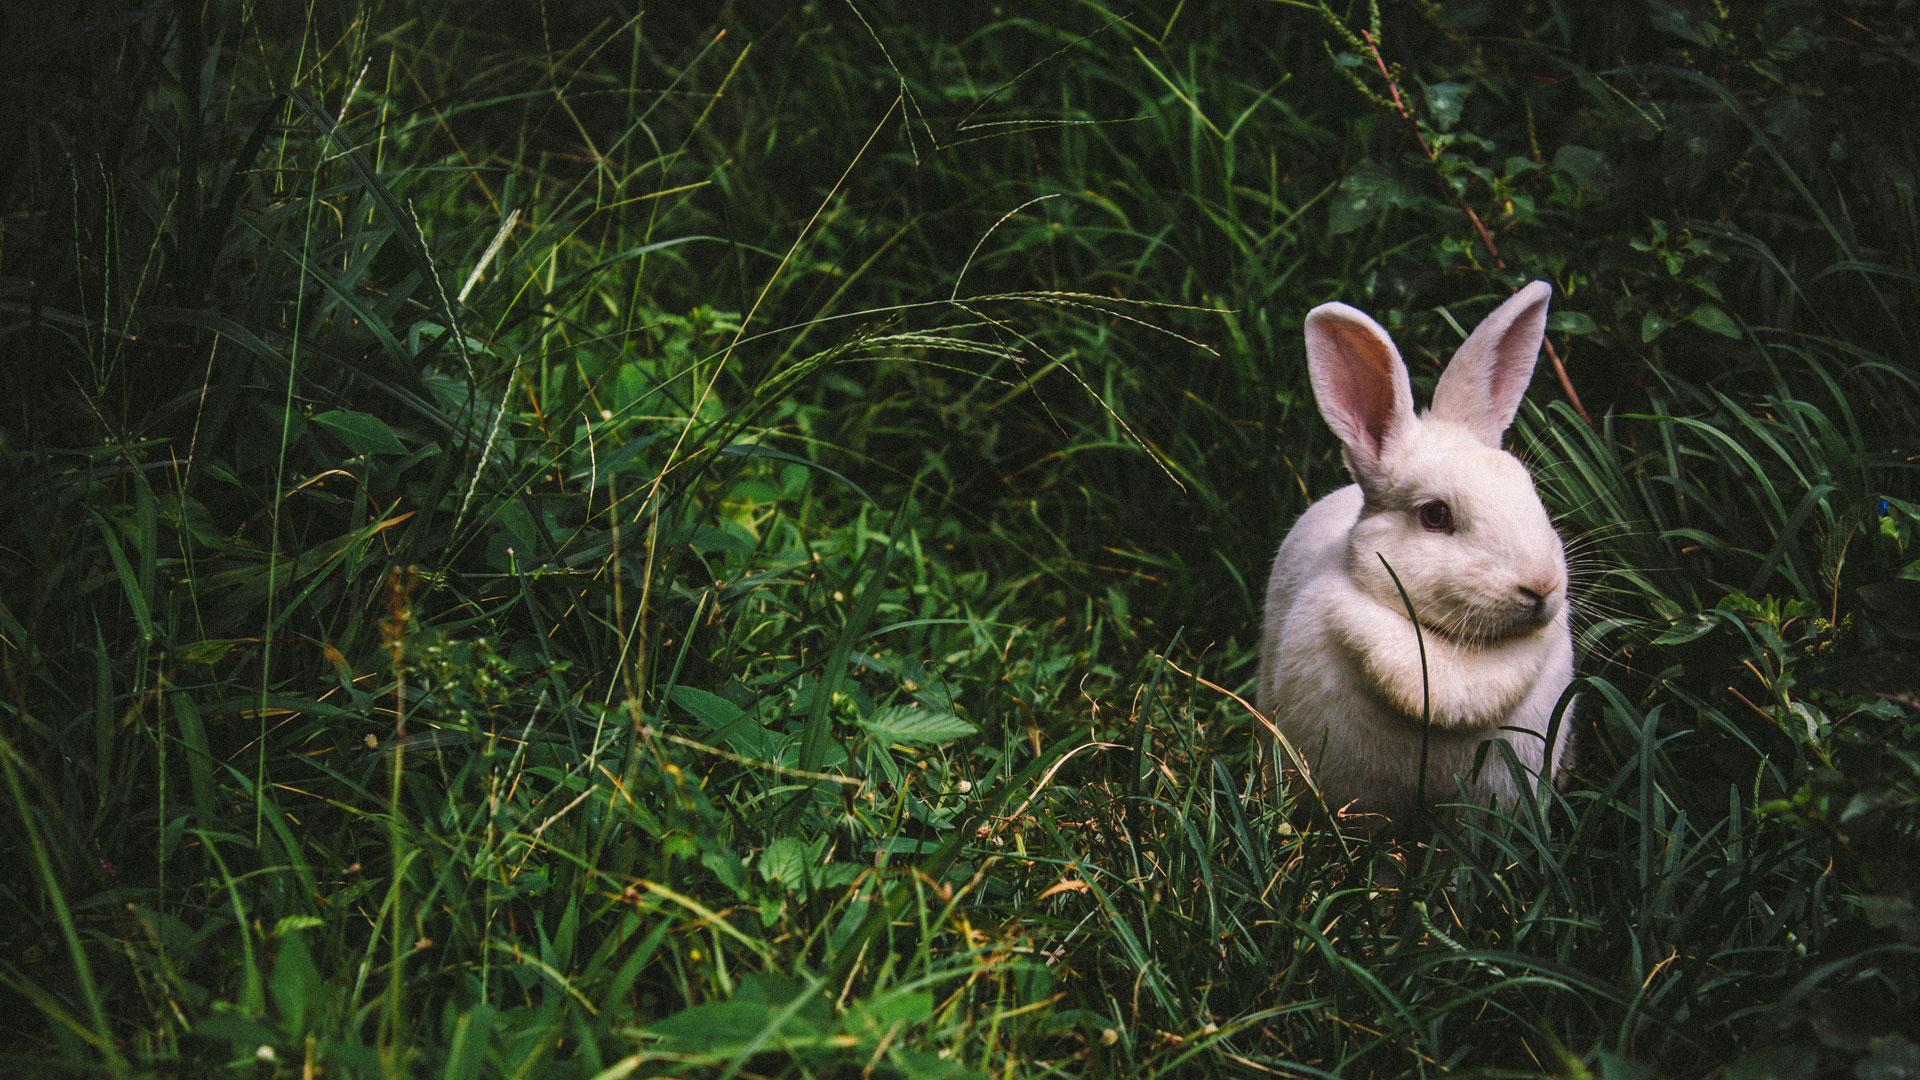 Der Hase hat sich als Symboltier für Ostern durchgesetzt. Theologisch gesehen ist das Lamm eigentlich das passendere Tier.